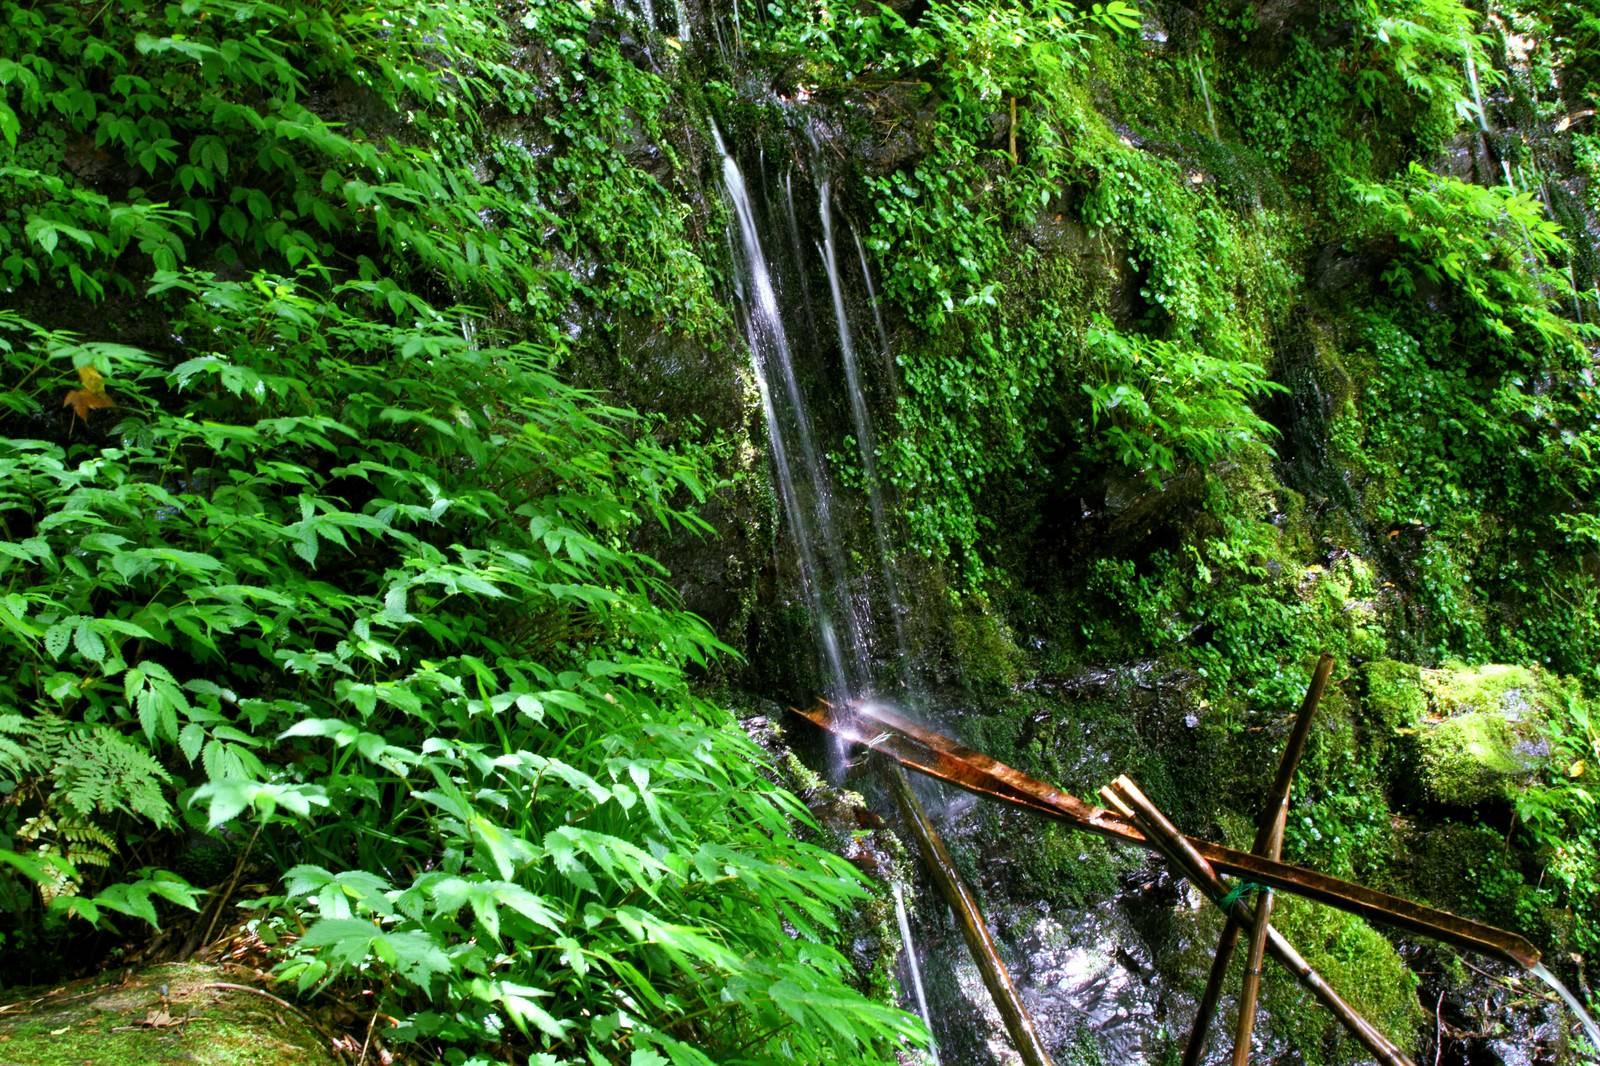 「流れる湧水と緑」の写真